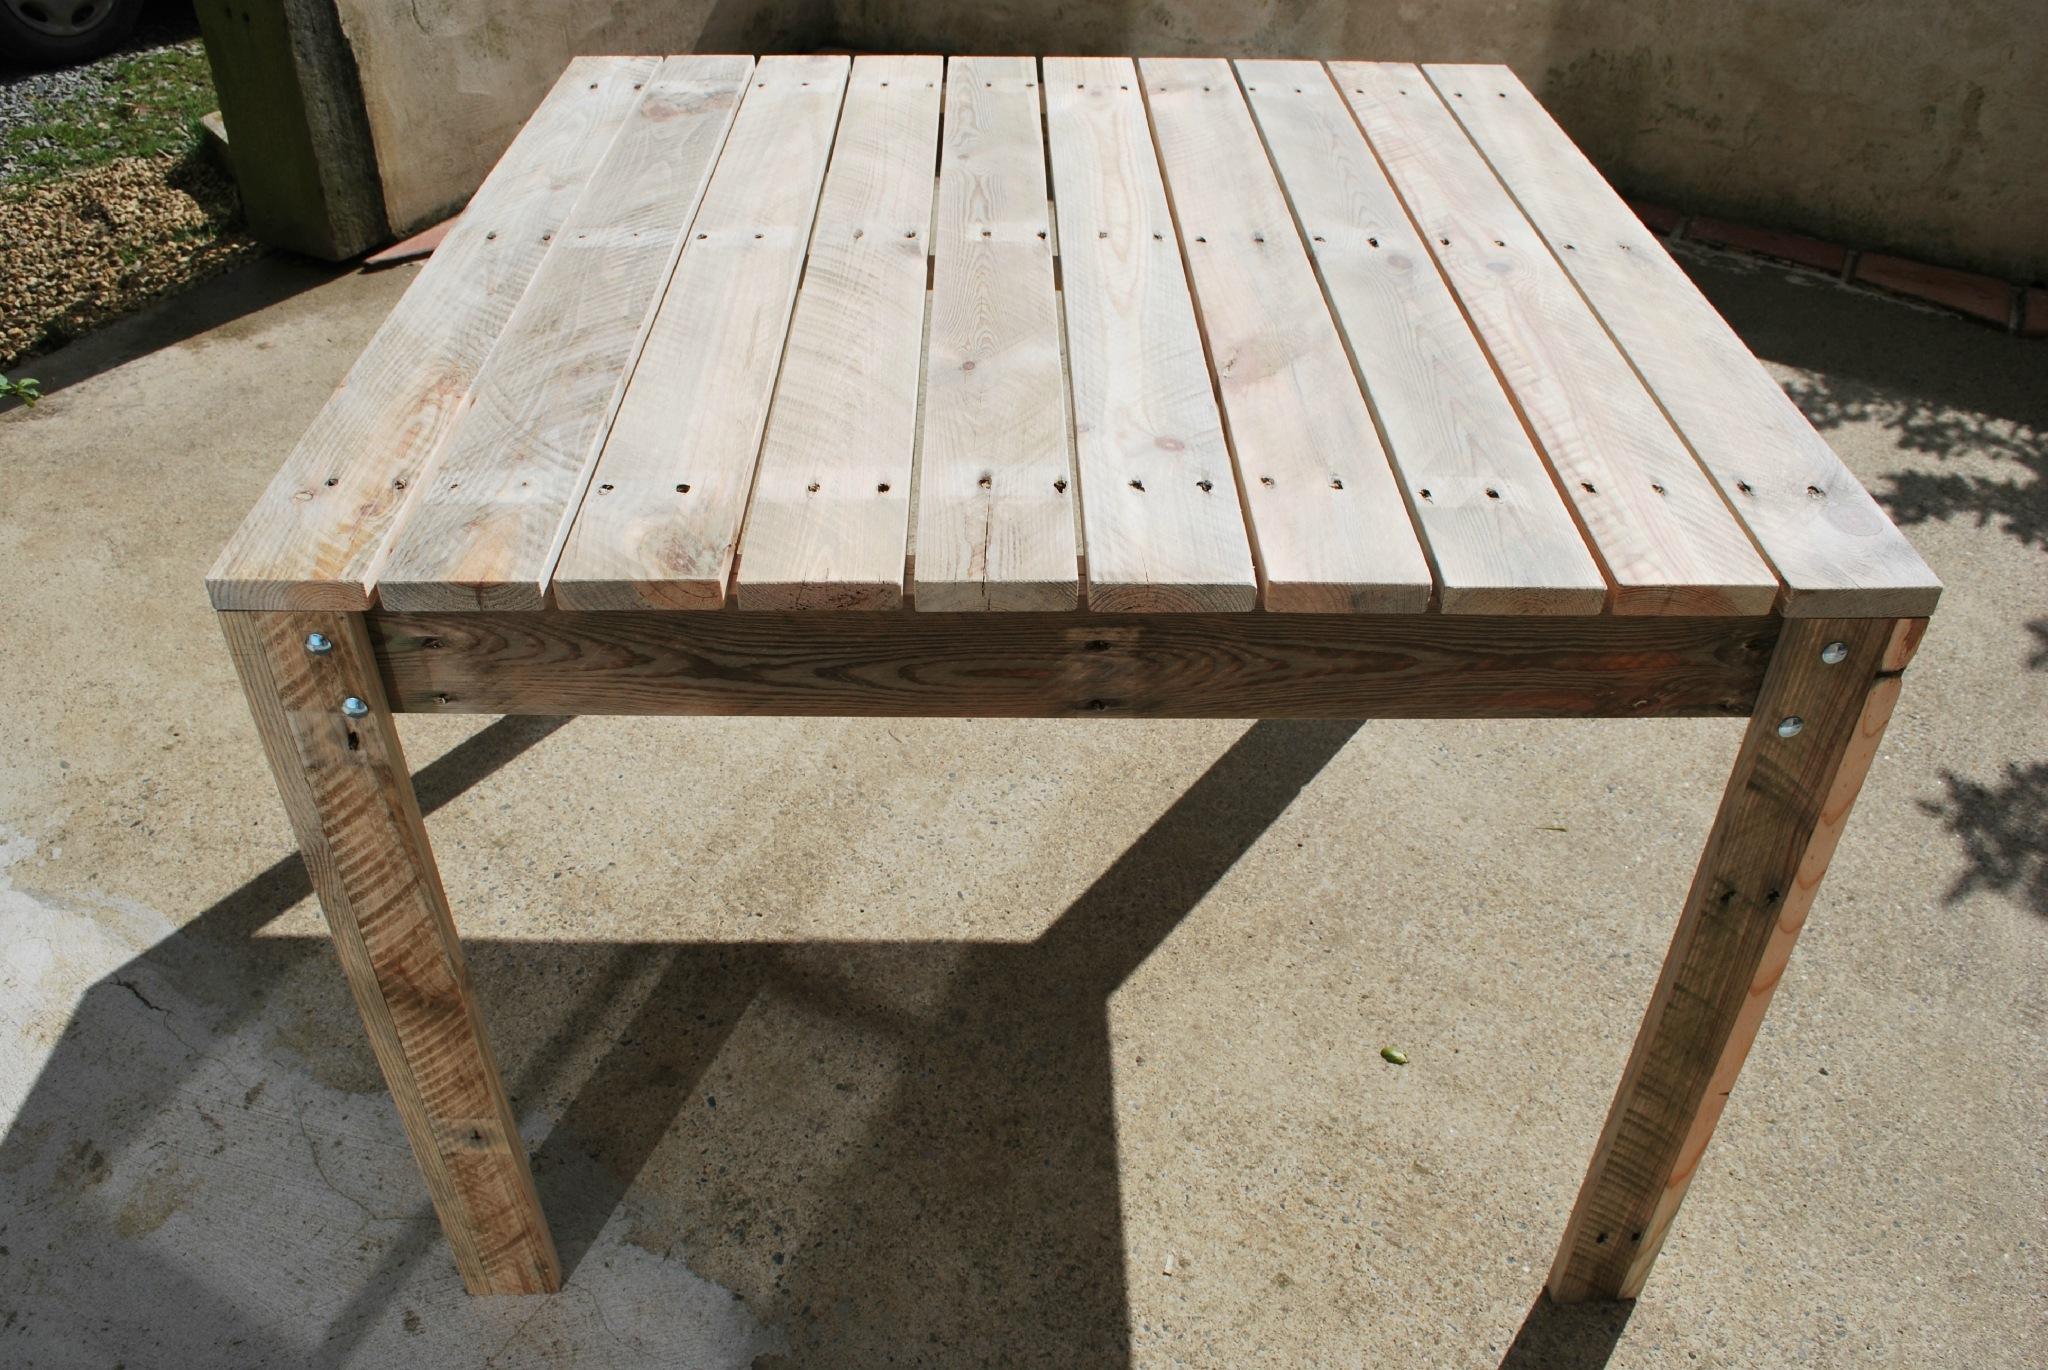 Plan Pour Fabriquer Une Table De Jardin En Bois À Exterieur ... dedans Plan Pour Fabriquer Une Table De Jardin En Bois